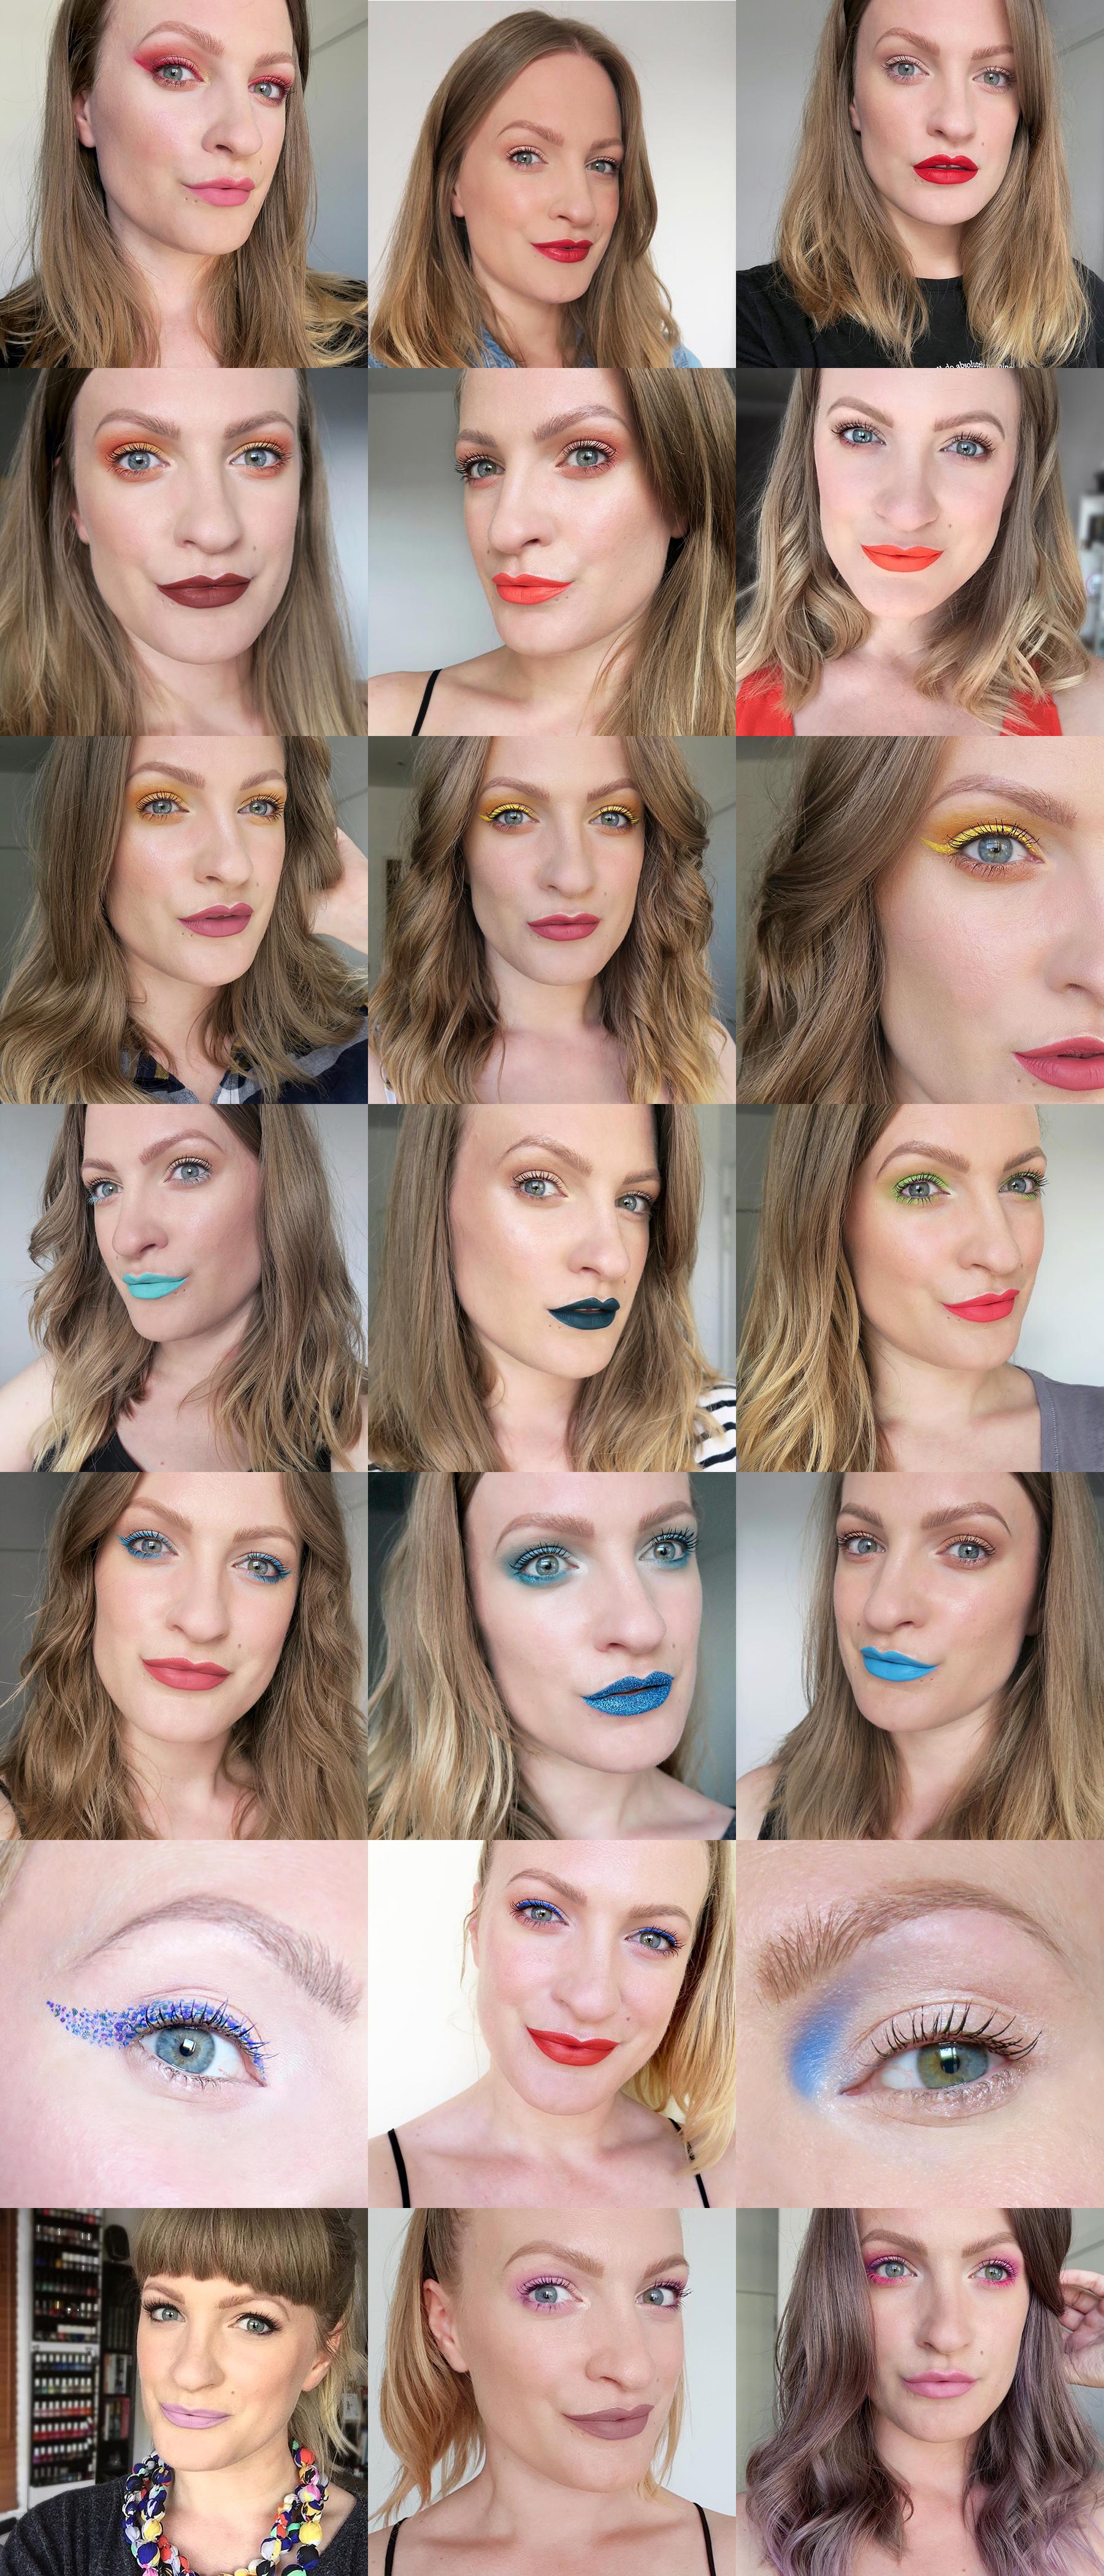 Rainbow make up looks - Talonted Lex